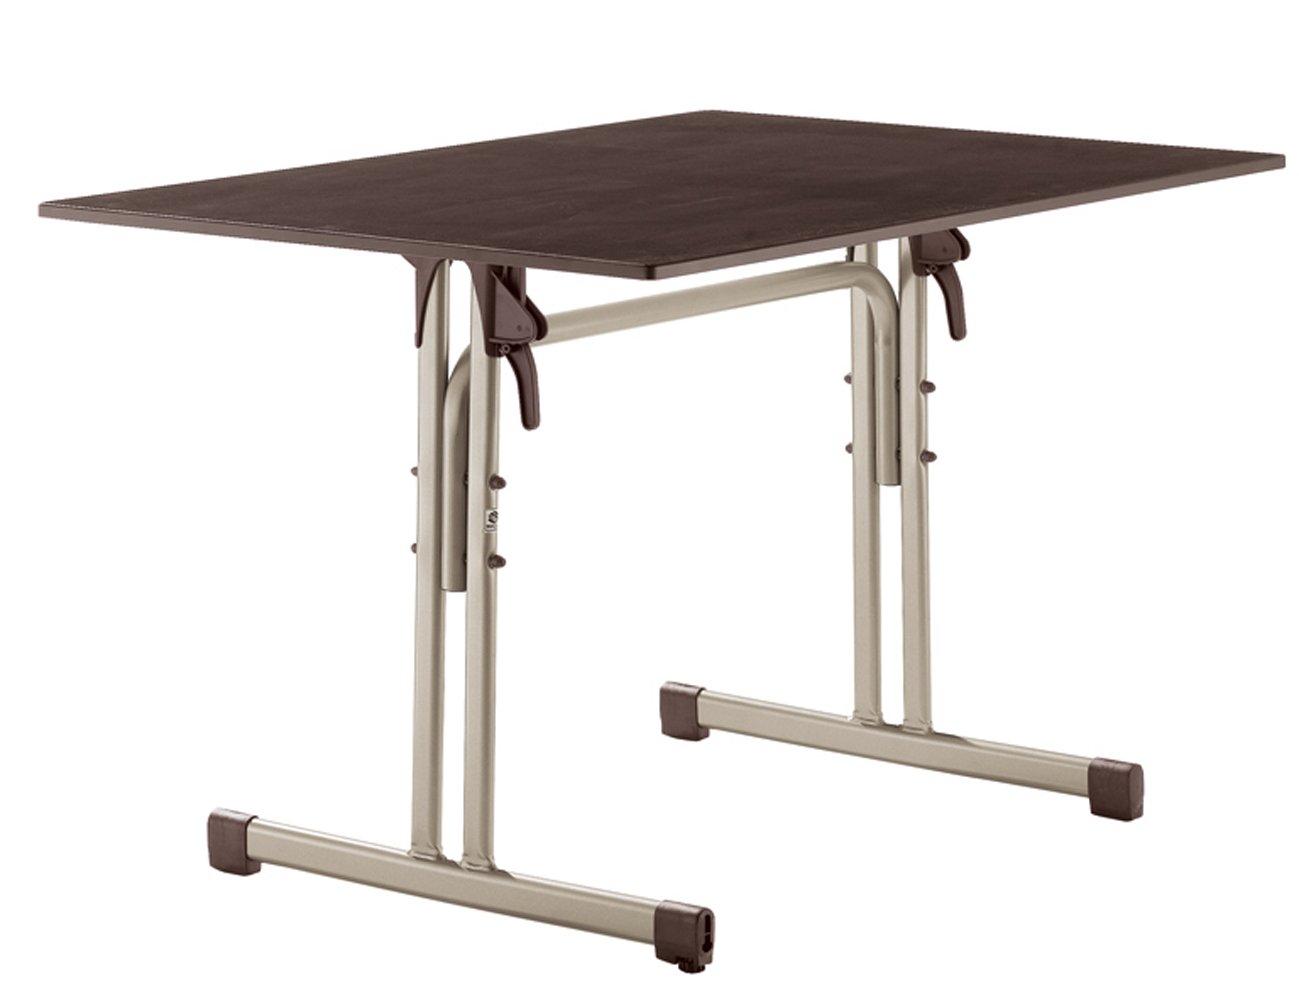 Sieger 1360 60 Gastro Tisch Mit Puroplan Platte 120 X 80 Cm